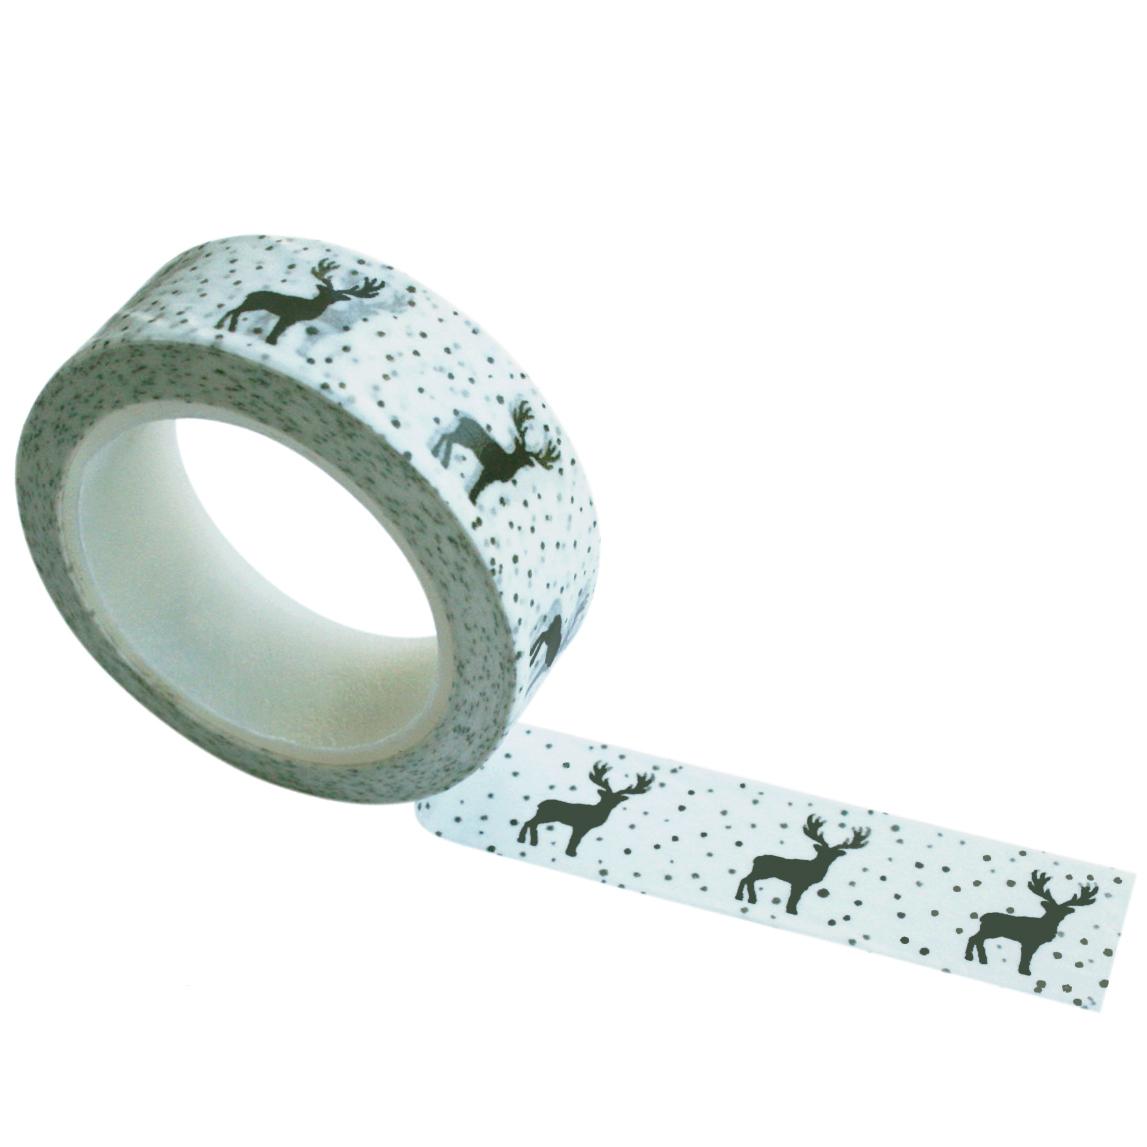 Zoedt-masking tape deer